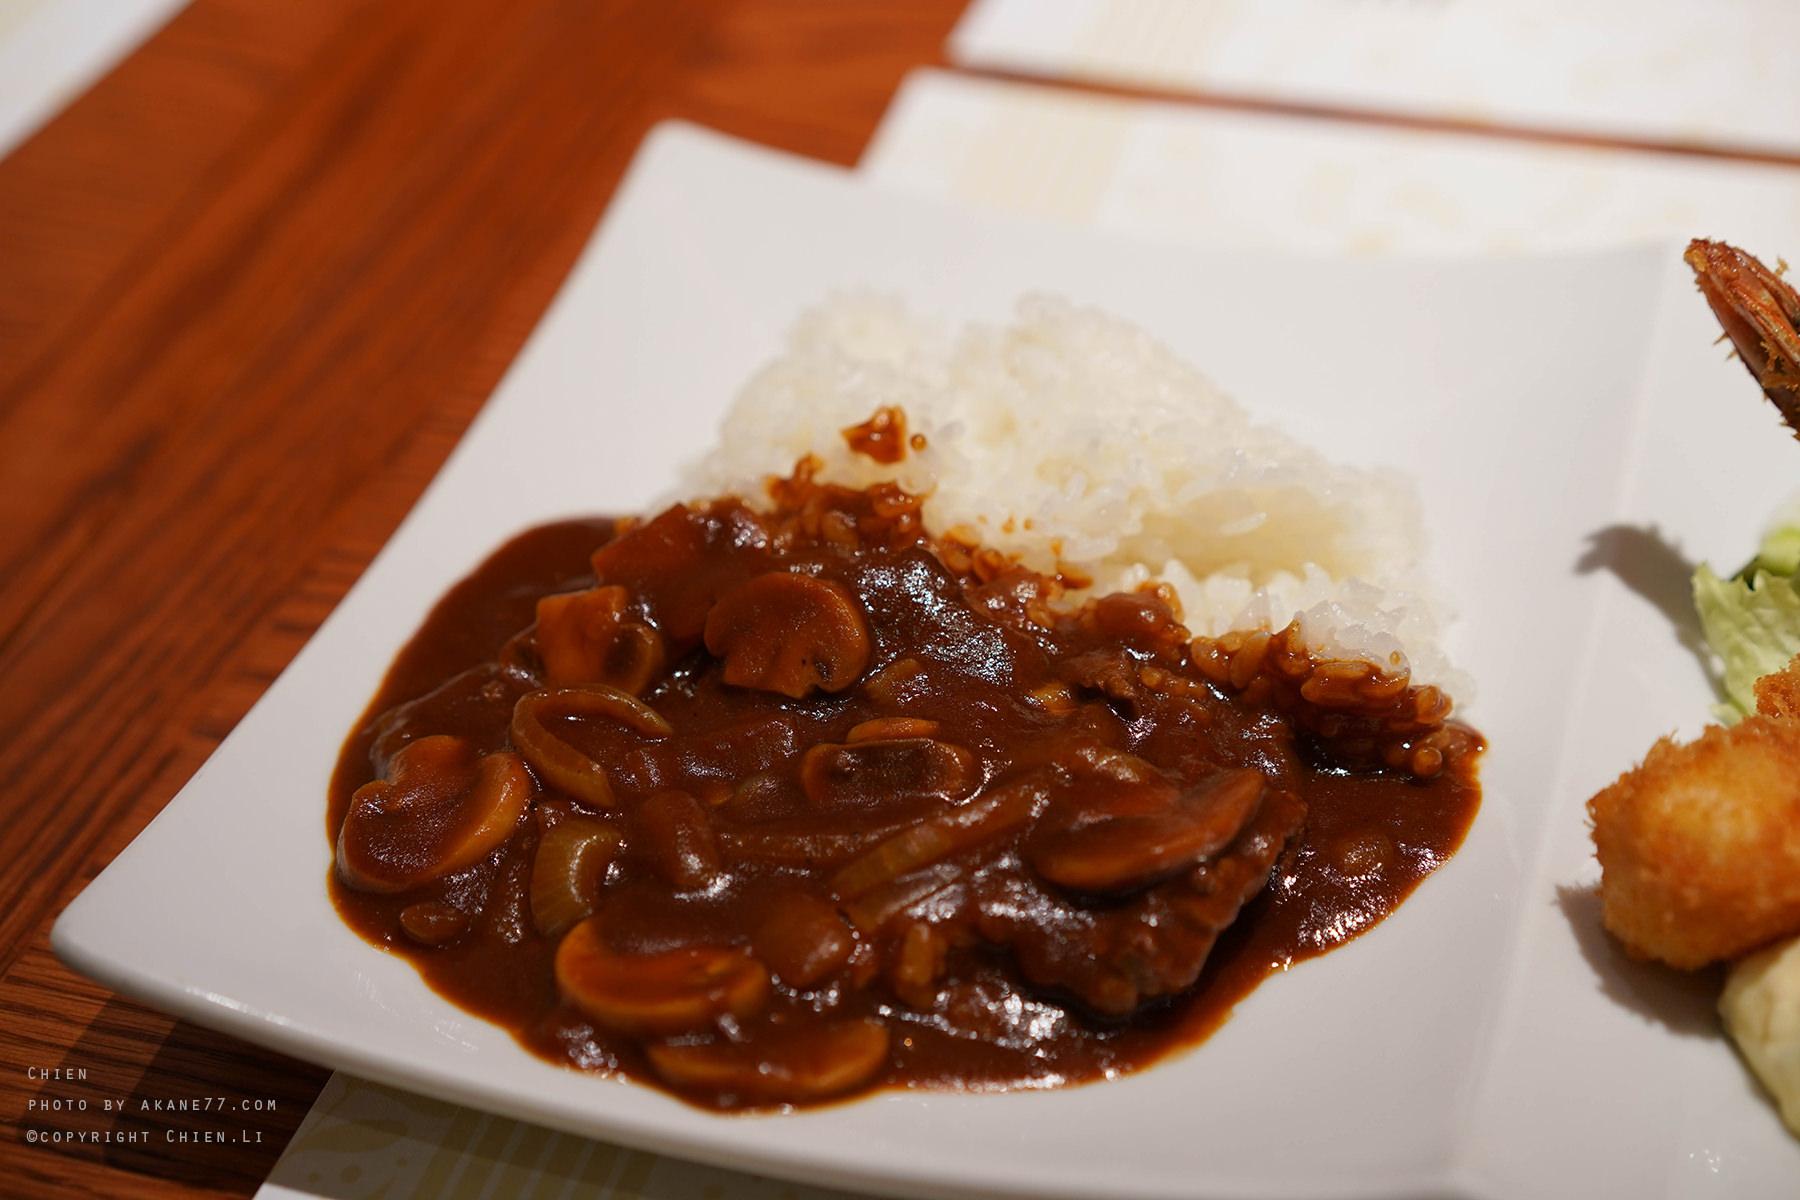 銀座資生堂餐廳 西式牛肉燉飯